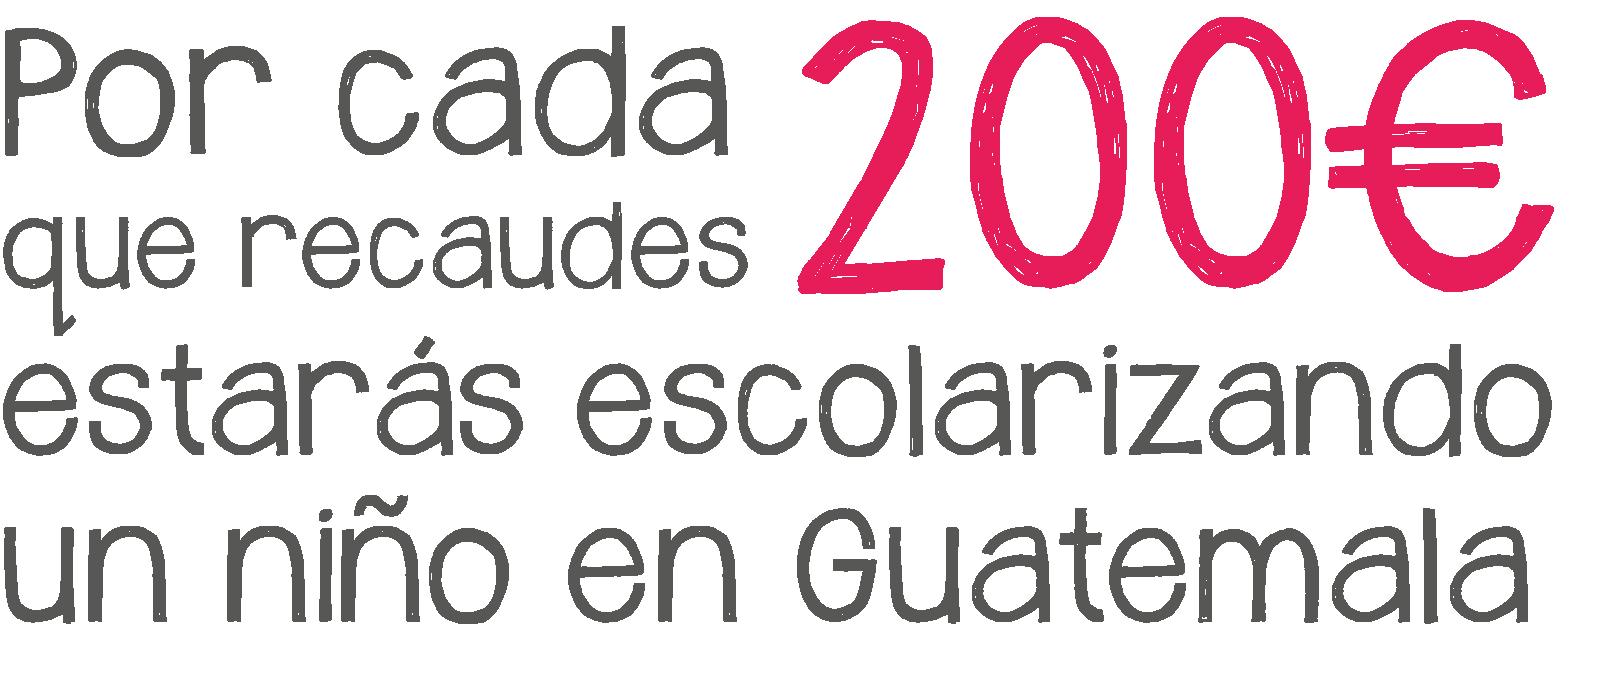 Por cada 200 euros que recaudes estarás escolarizando a un niño en Guatemala